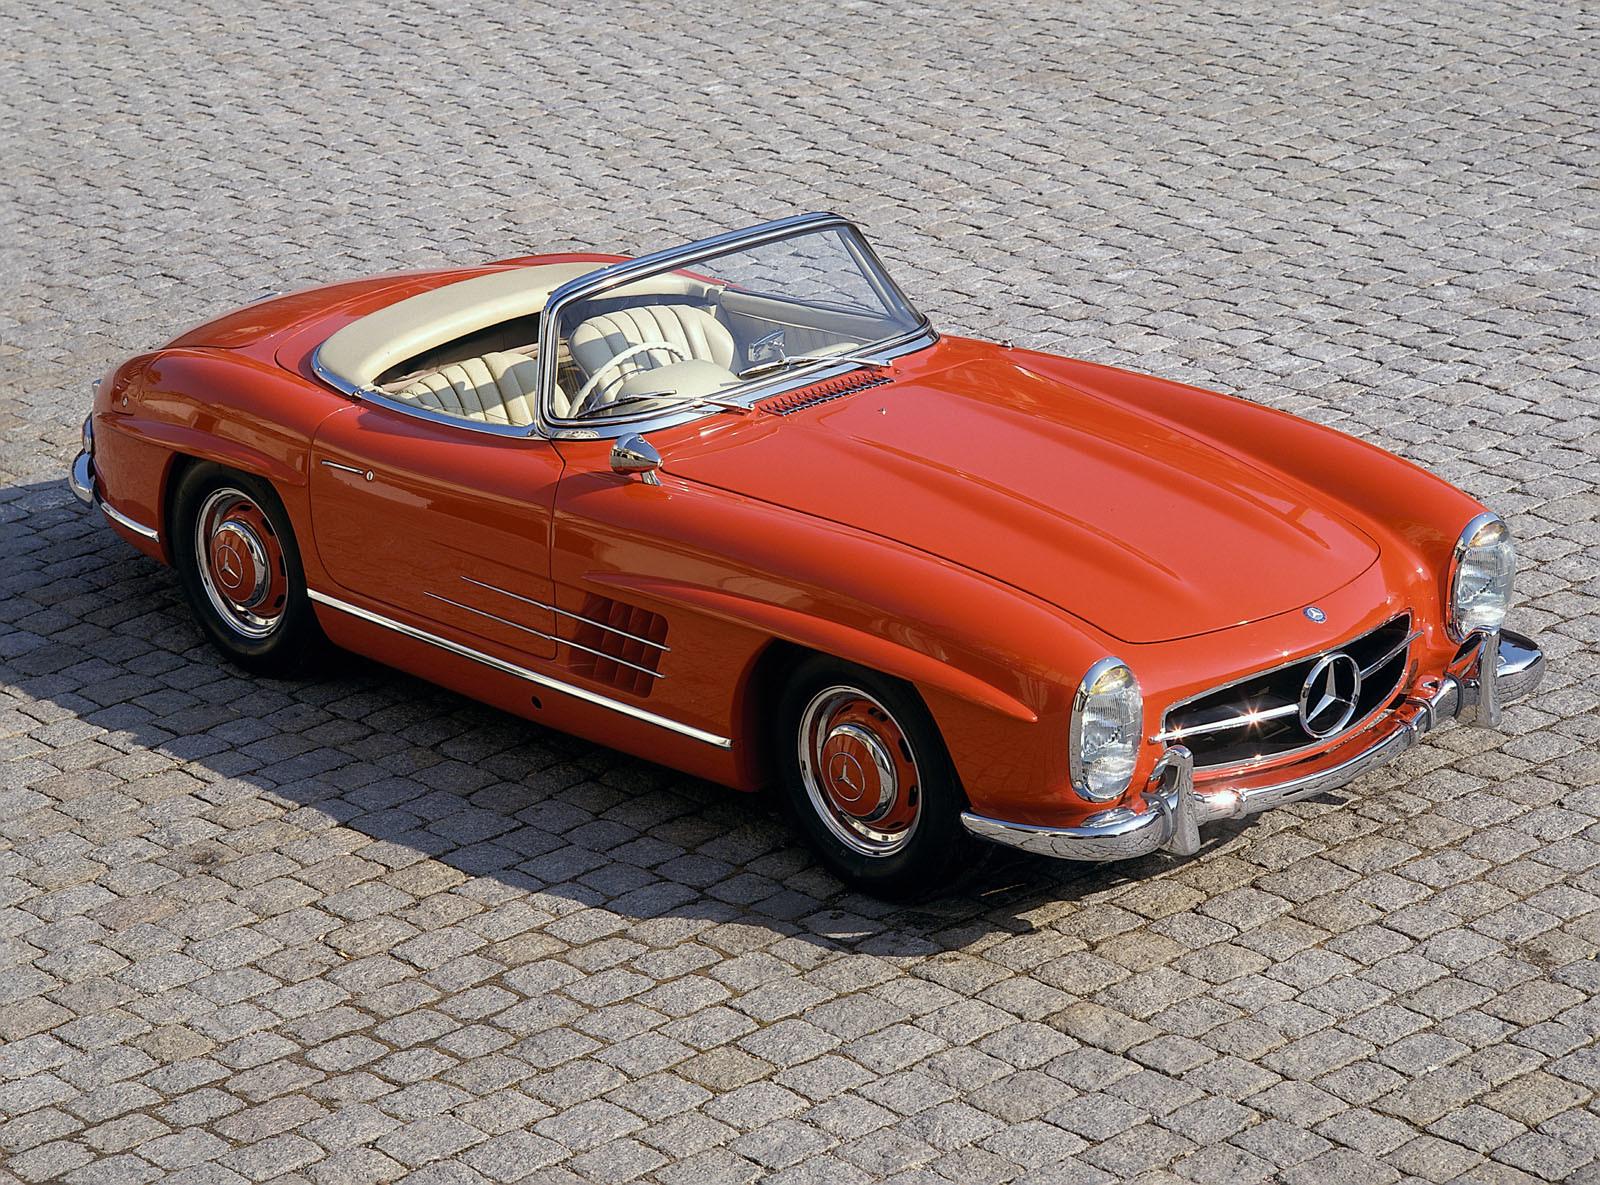 Foto de Mercedes 300 SL Roadster (60 aniversario) (14/21)